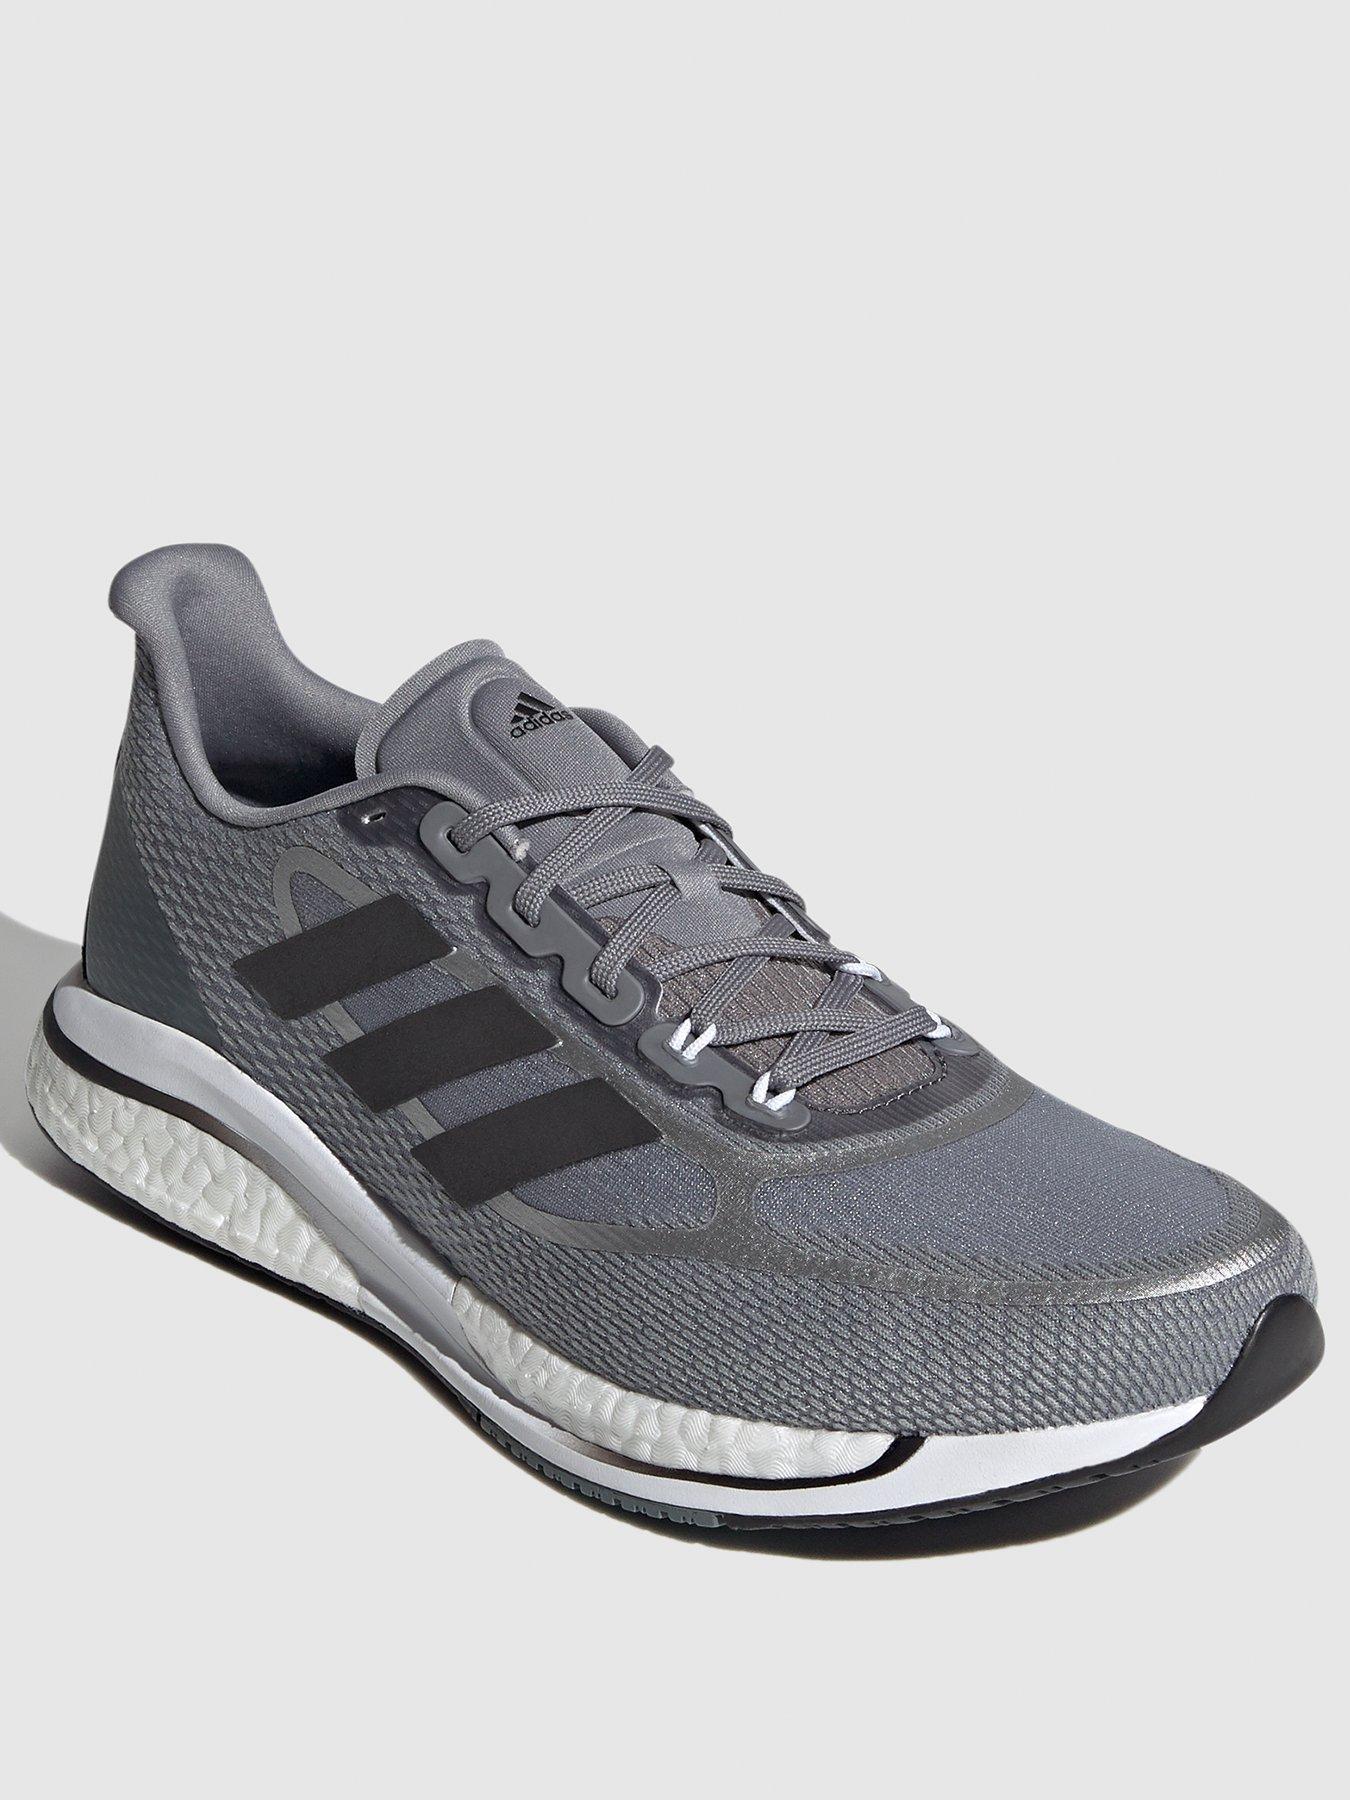 grey adidas trainers men off 58% - www.usushimd.com